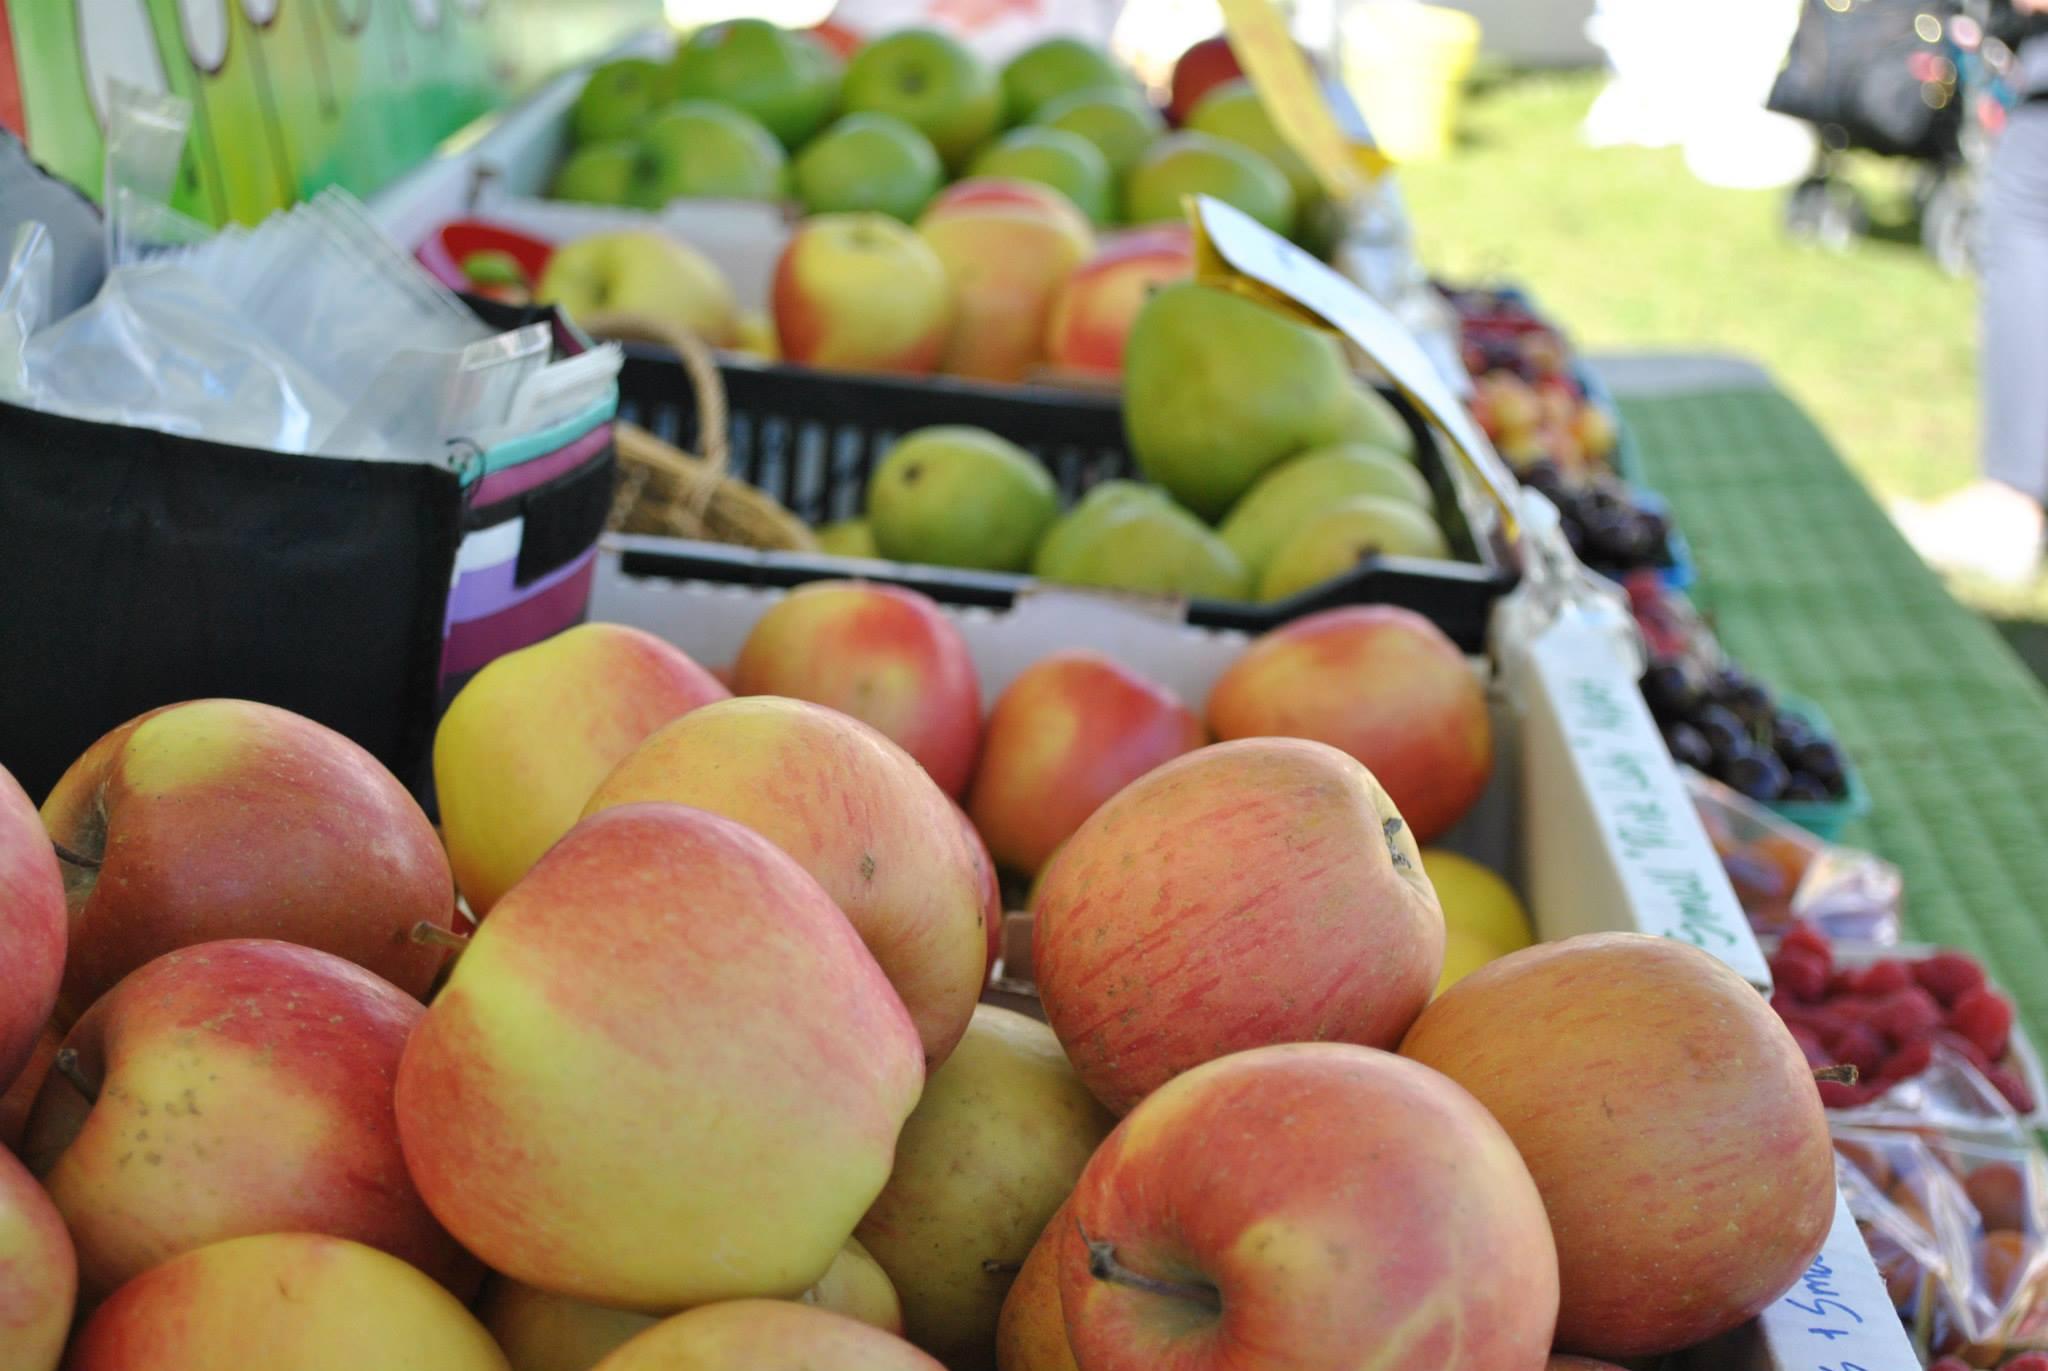 Bridgeland Riverside Farmers' Market opens June 23